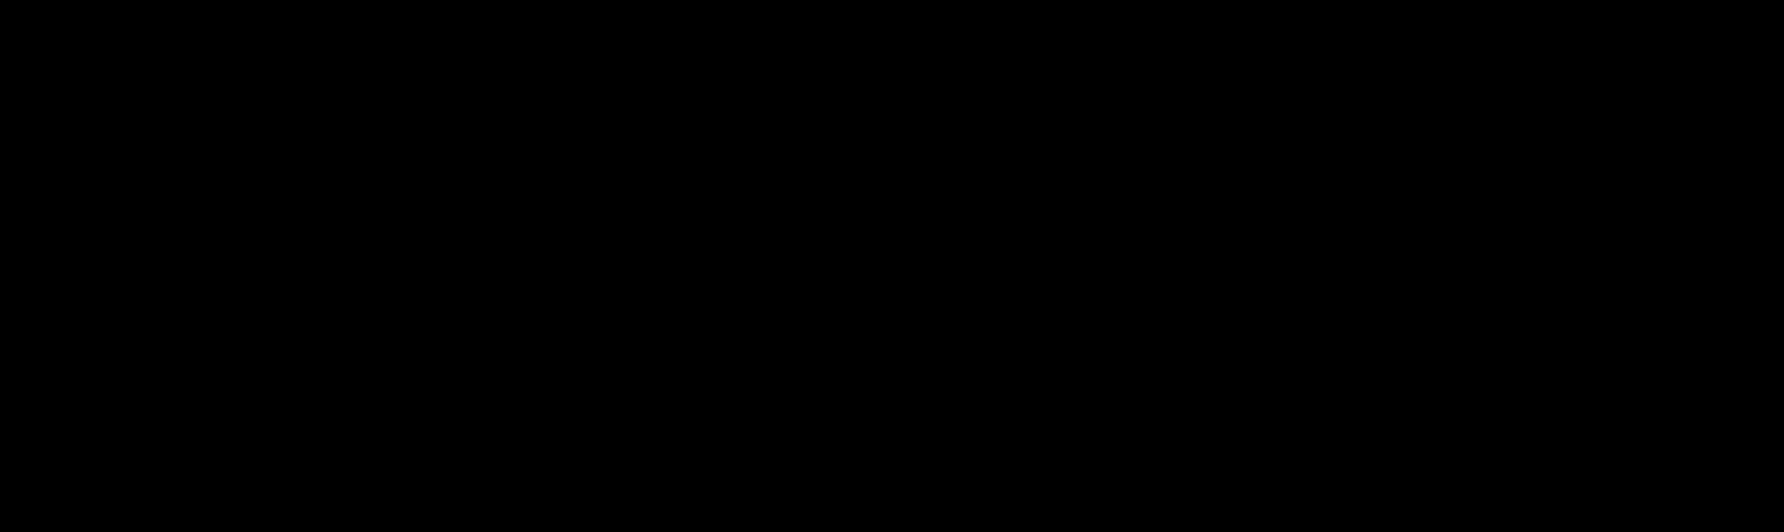 Alianza株式会社